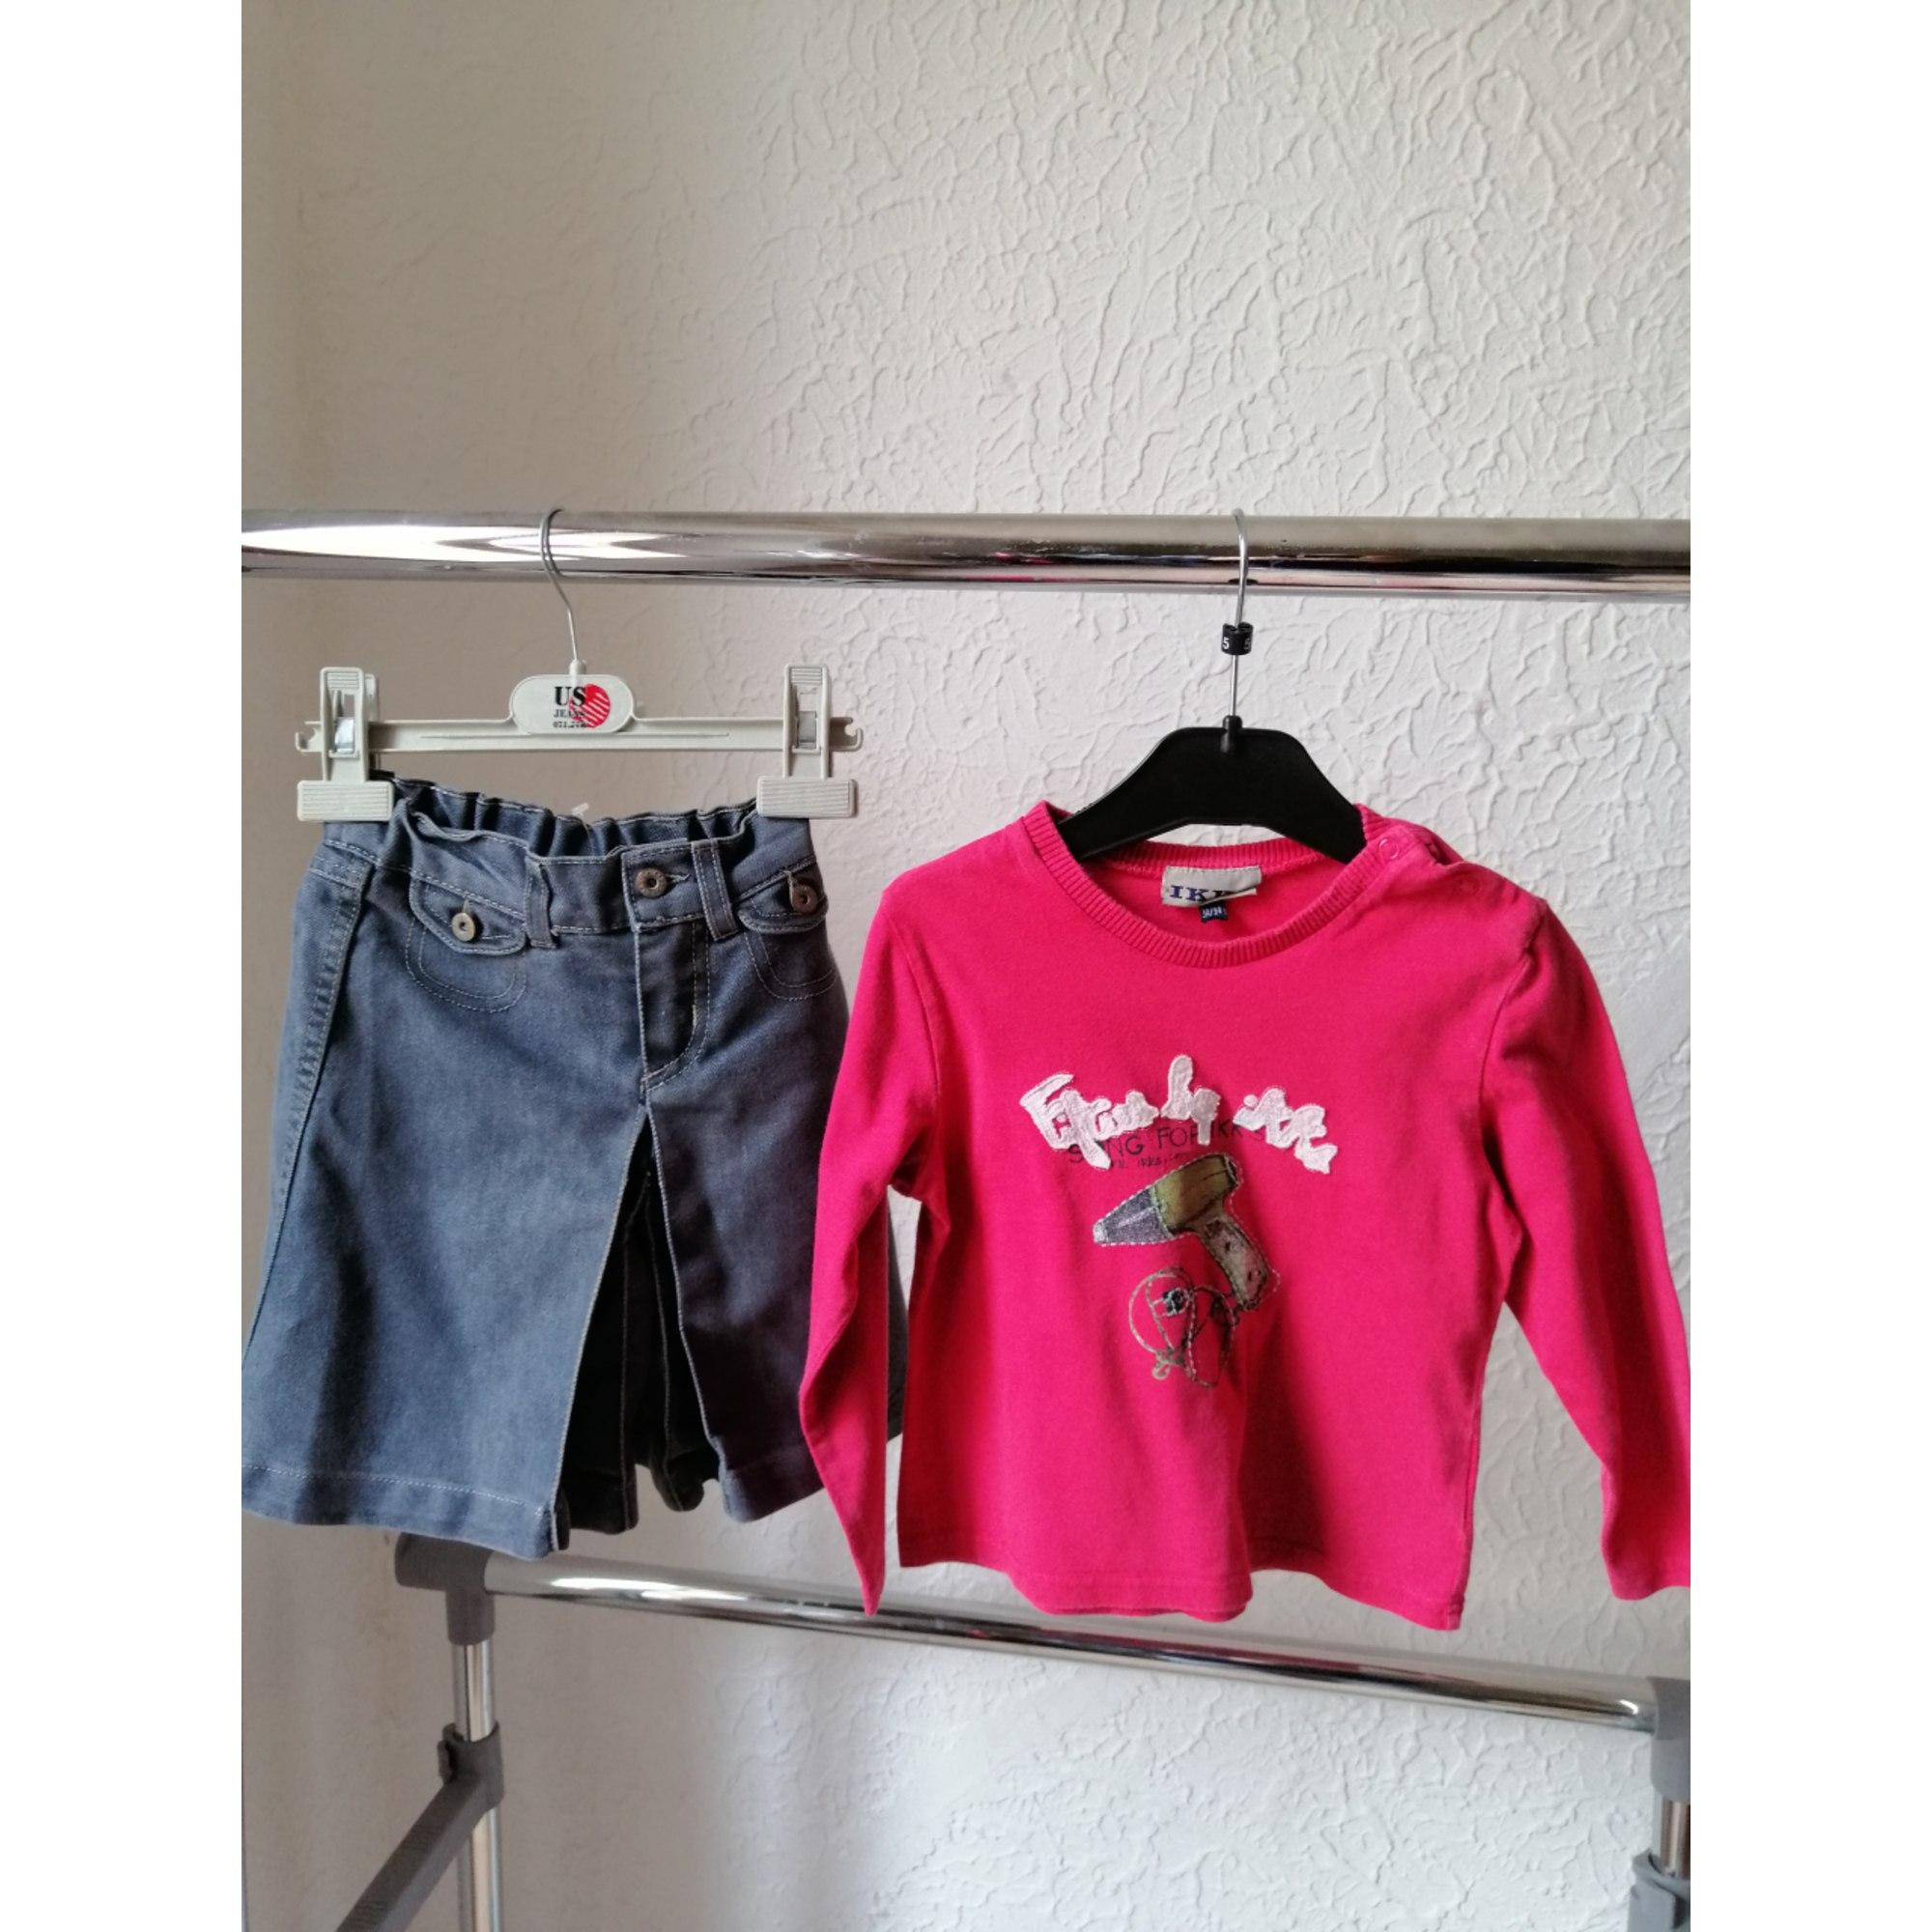 Anzug, Set für Kinder, kurz IKKS Blau, marineblau, türkisblau